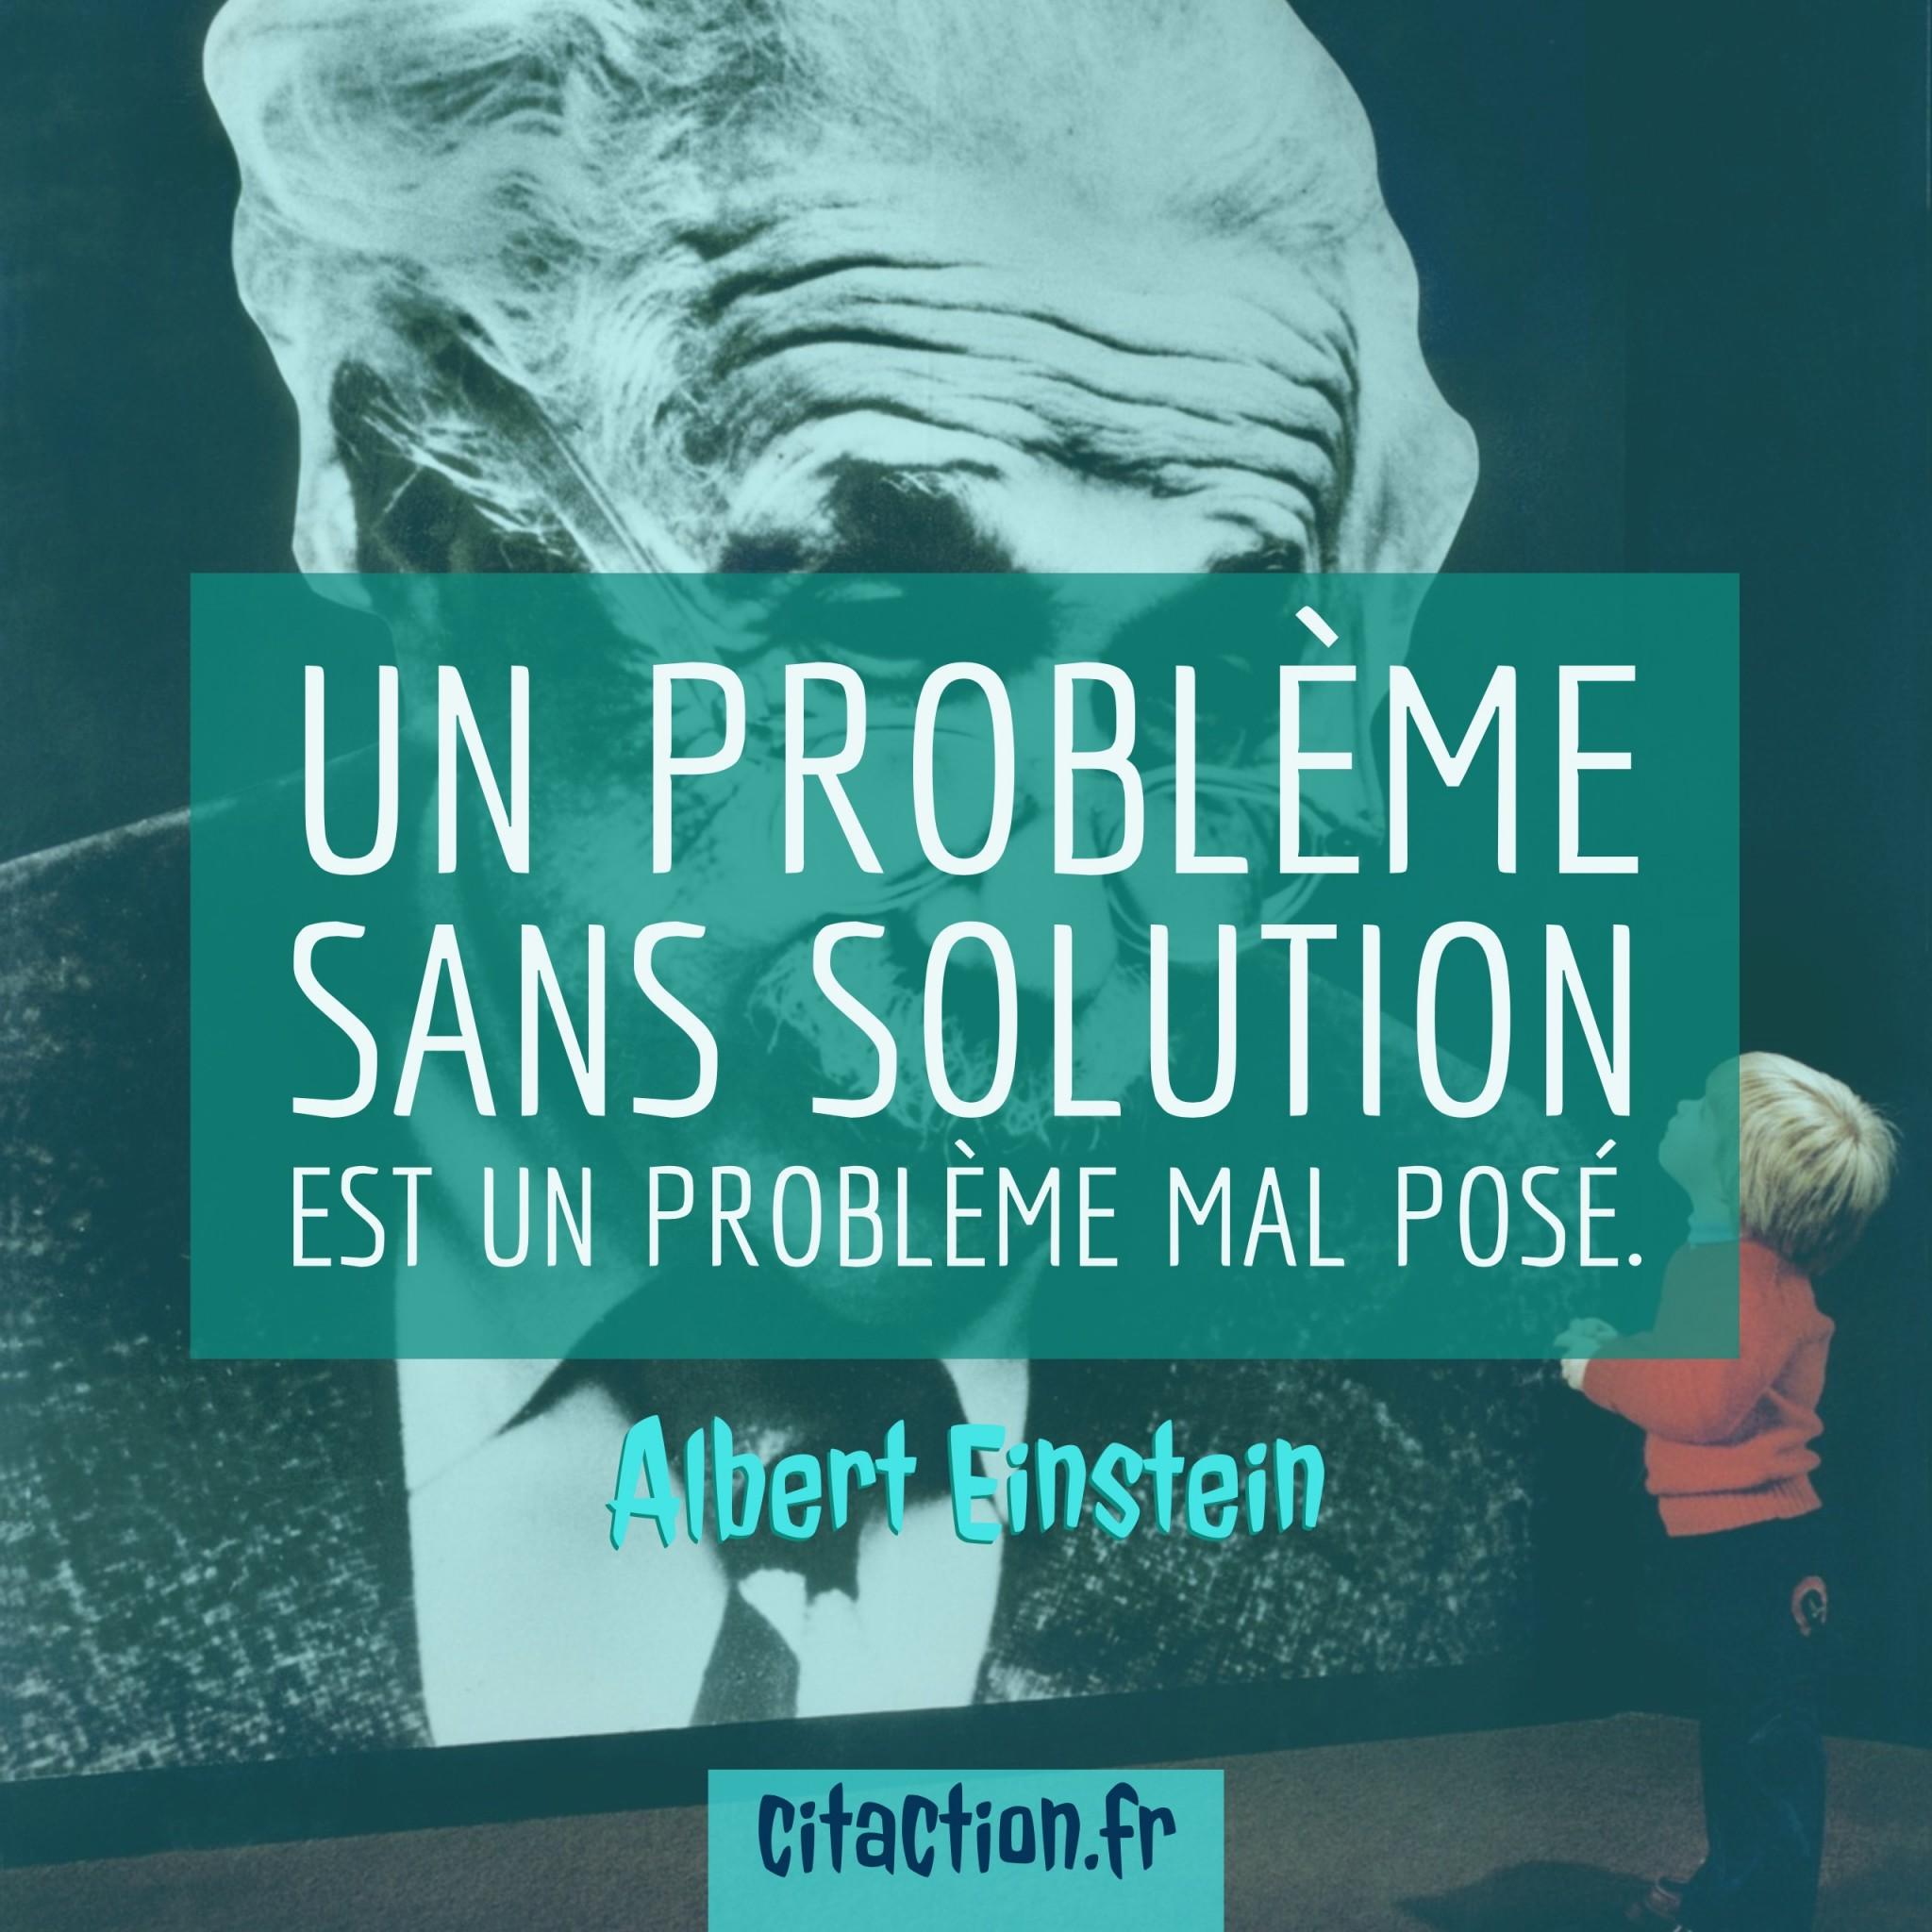 Un problème sans solution est un problème mal posé.